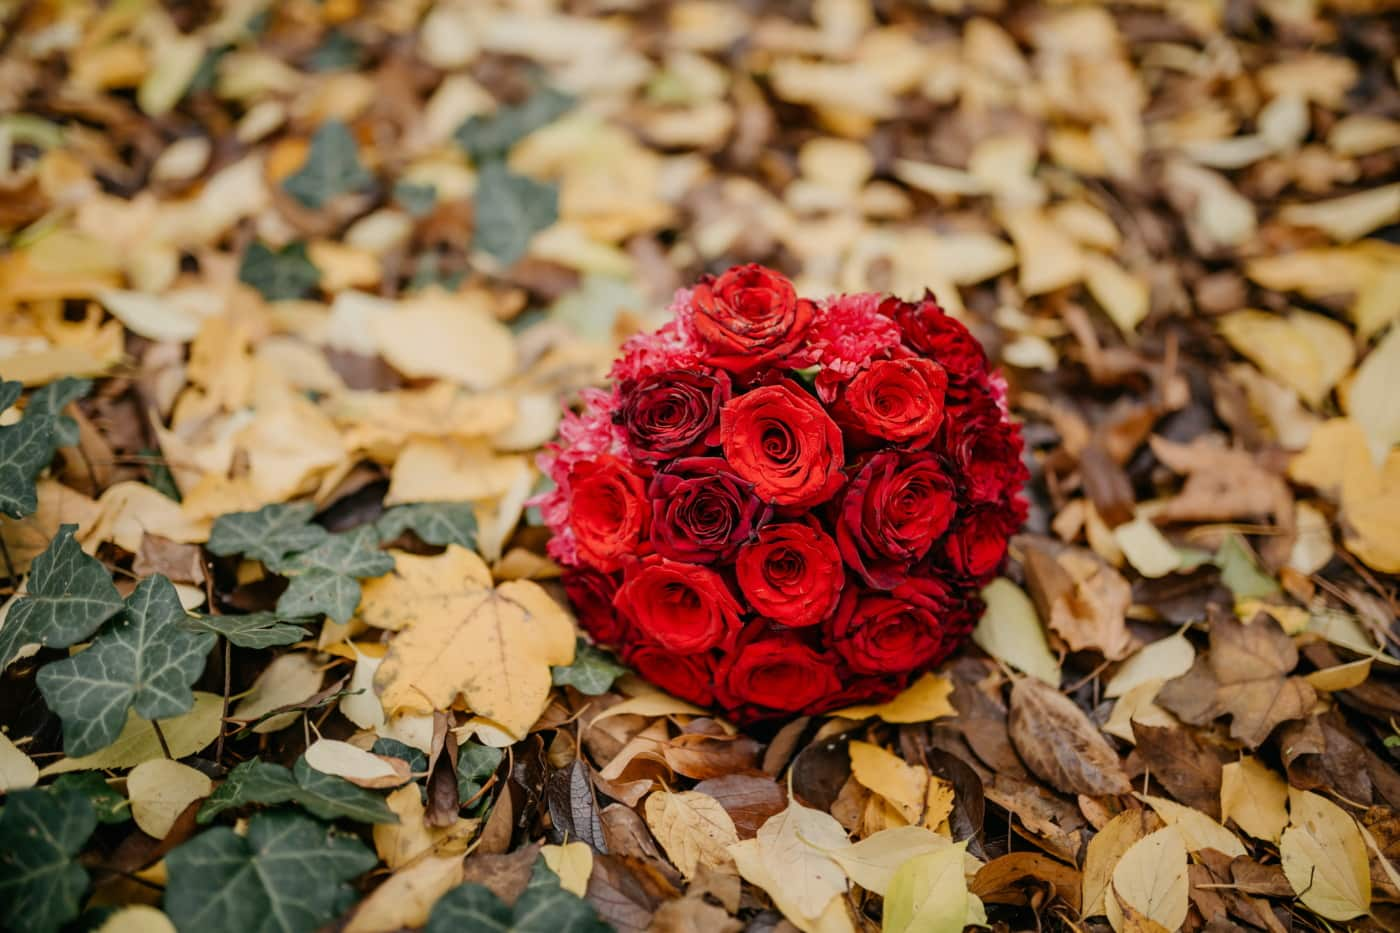 жълти листа, есенния сезон, бръшлян, червен, рози, букет, подаръци, Роза, листа, Любов